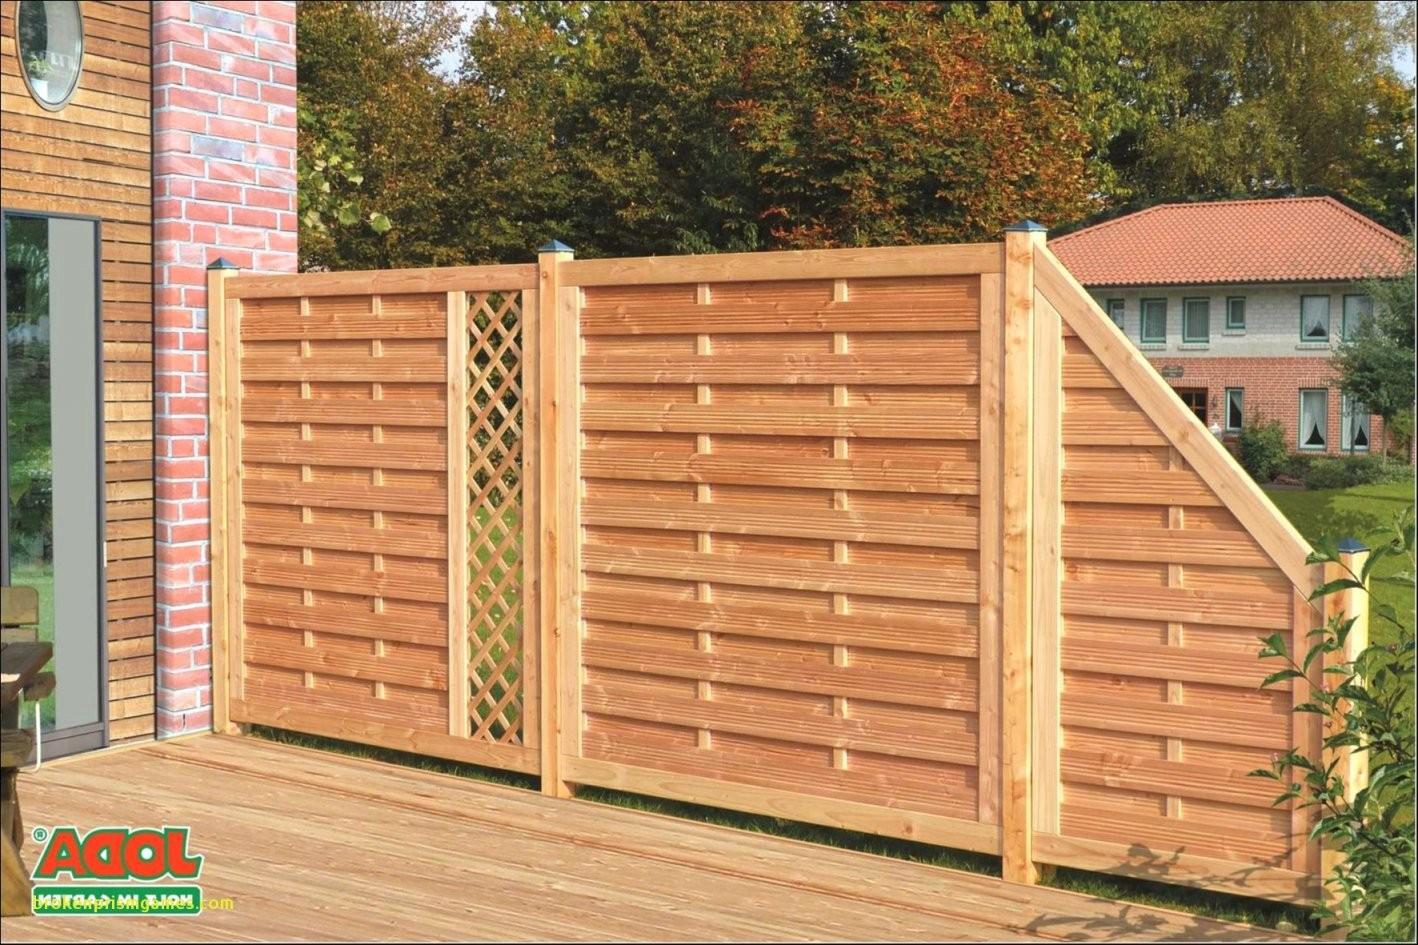 Gartentor Holz Selber Bauen Für Konzept Zaun Sichtschutz Holz von Gartentor Holz Selber Bauen Bild